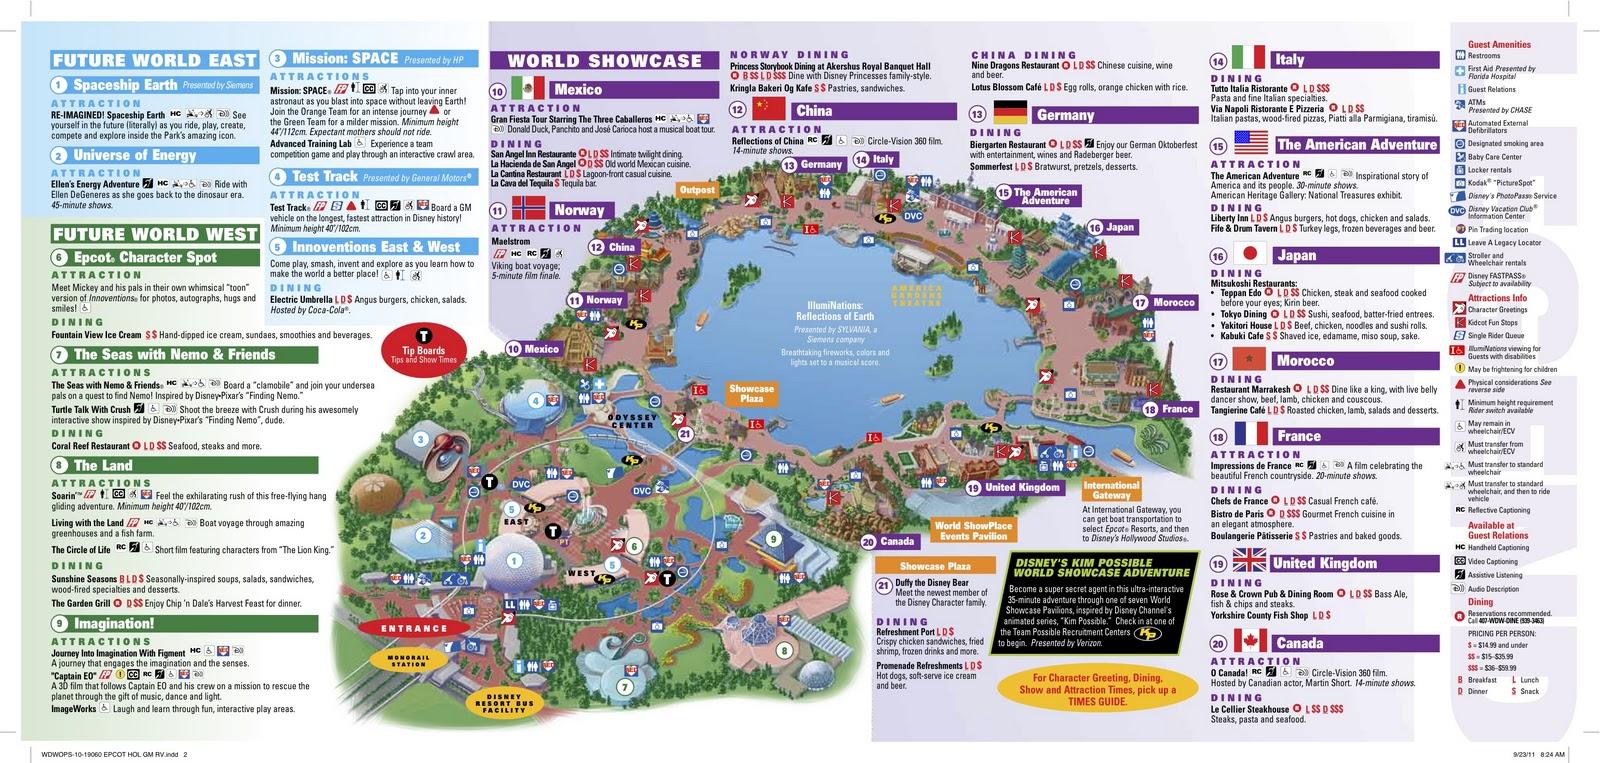 Disneyland Paris Guide Map